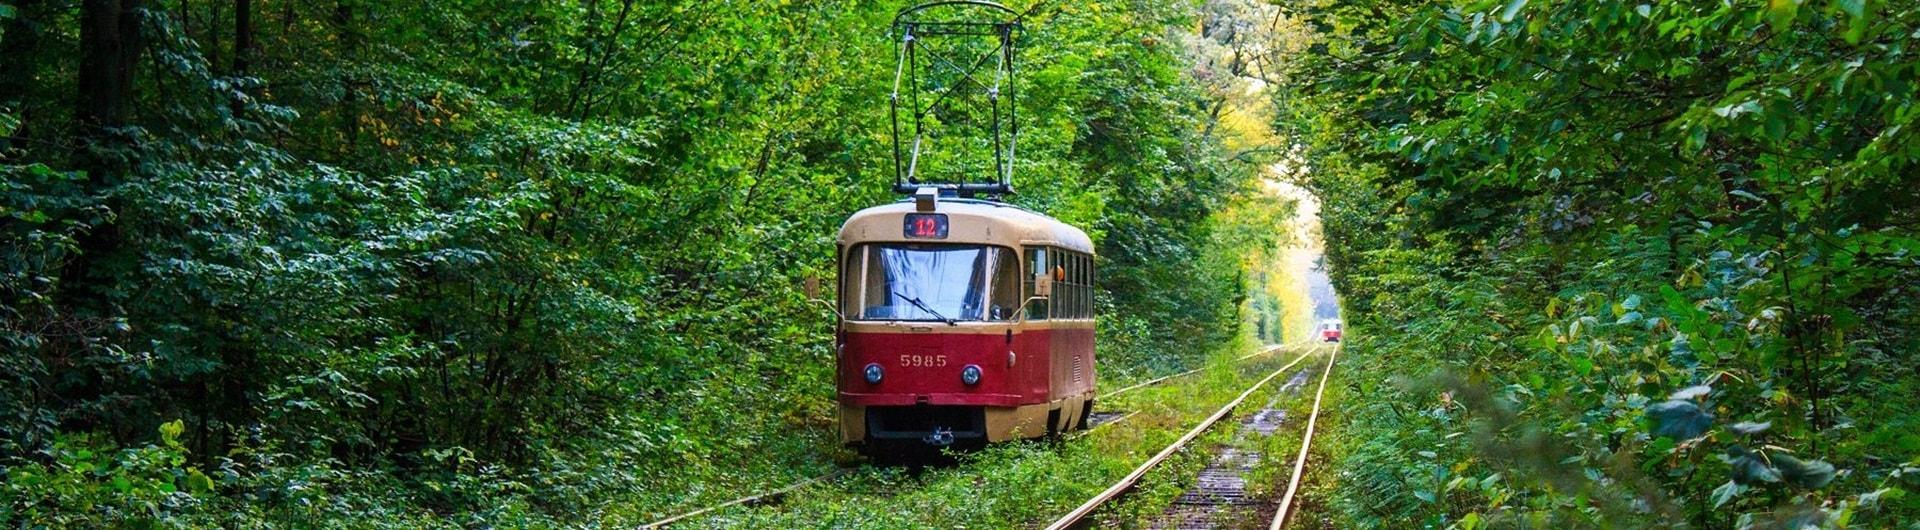 Трамвай-баннер